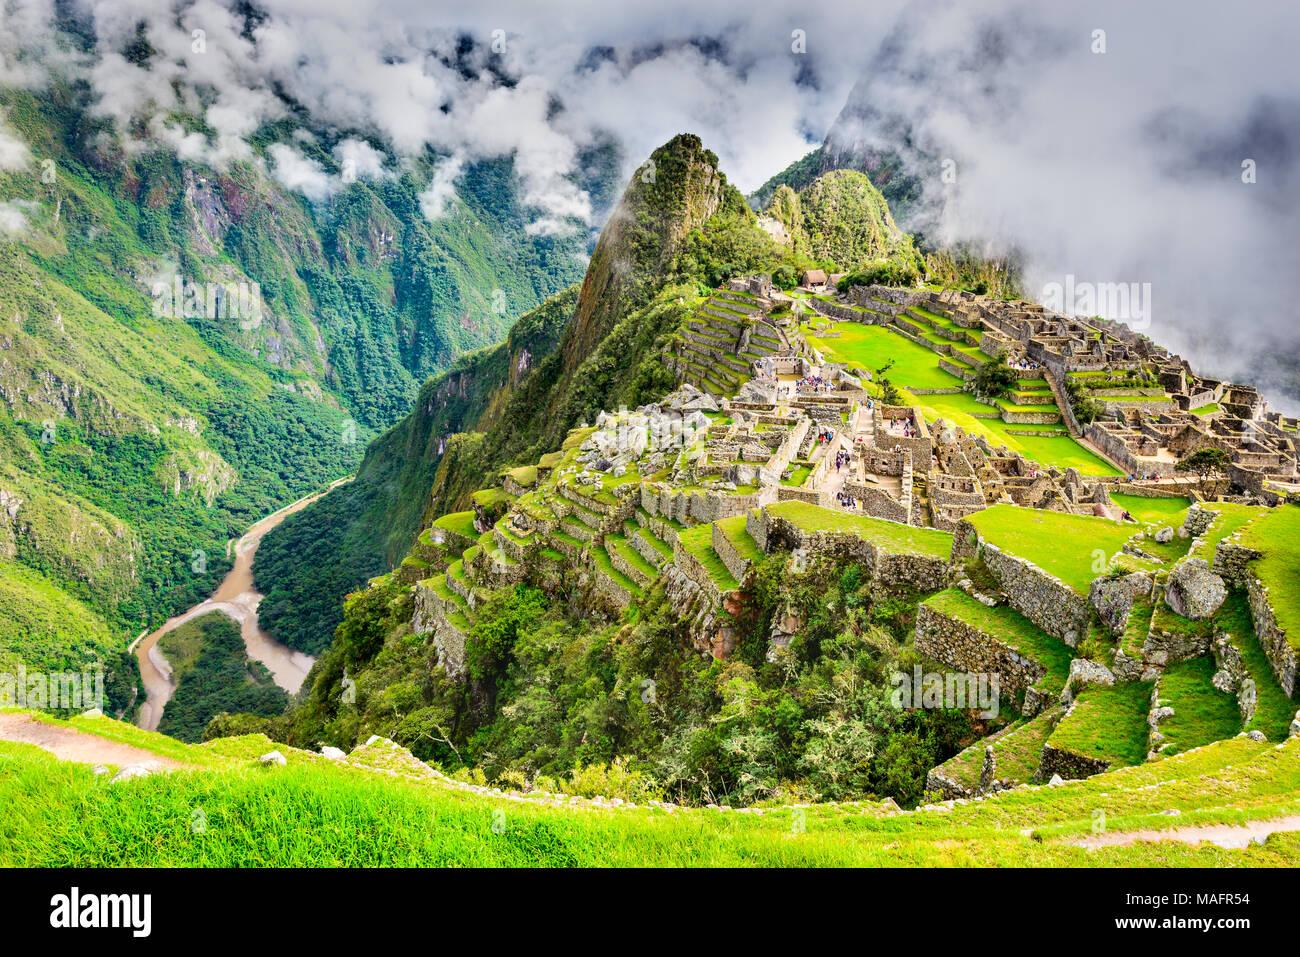 Il Machu Picchu in Perù - Rovine di Inca Empire City e Huaynapicchu montagna nella Valle Sacra, Cusco, Sud America. Immagini Stock